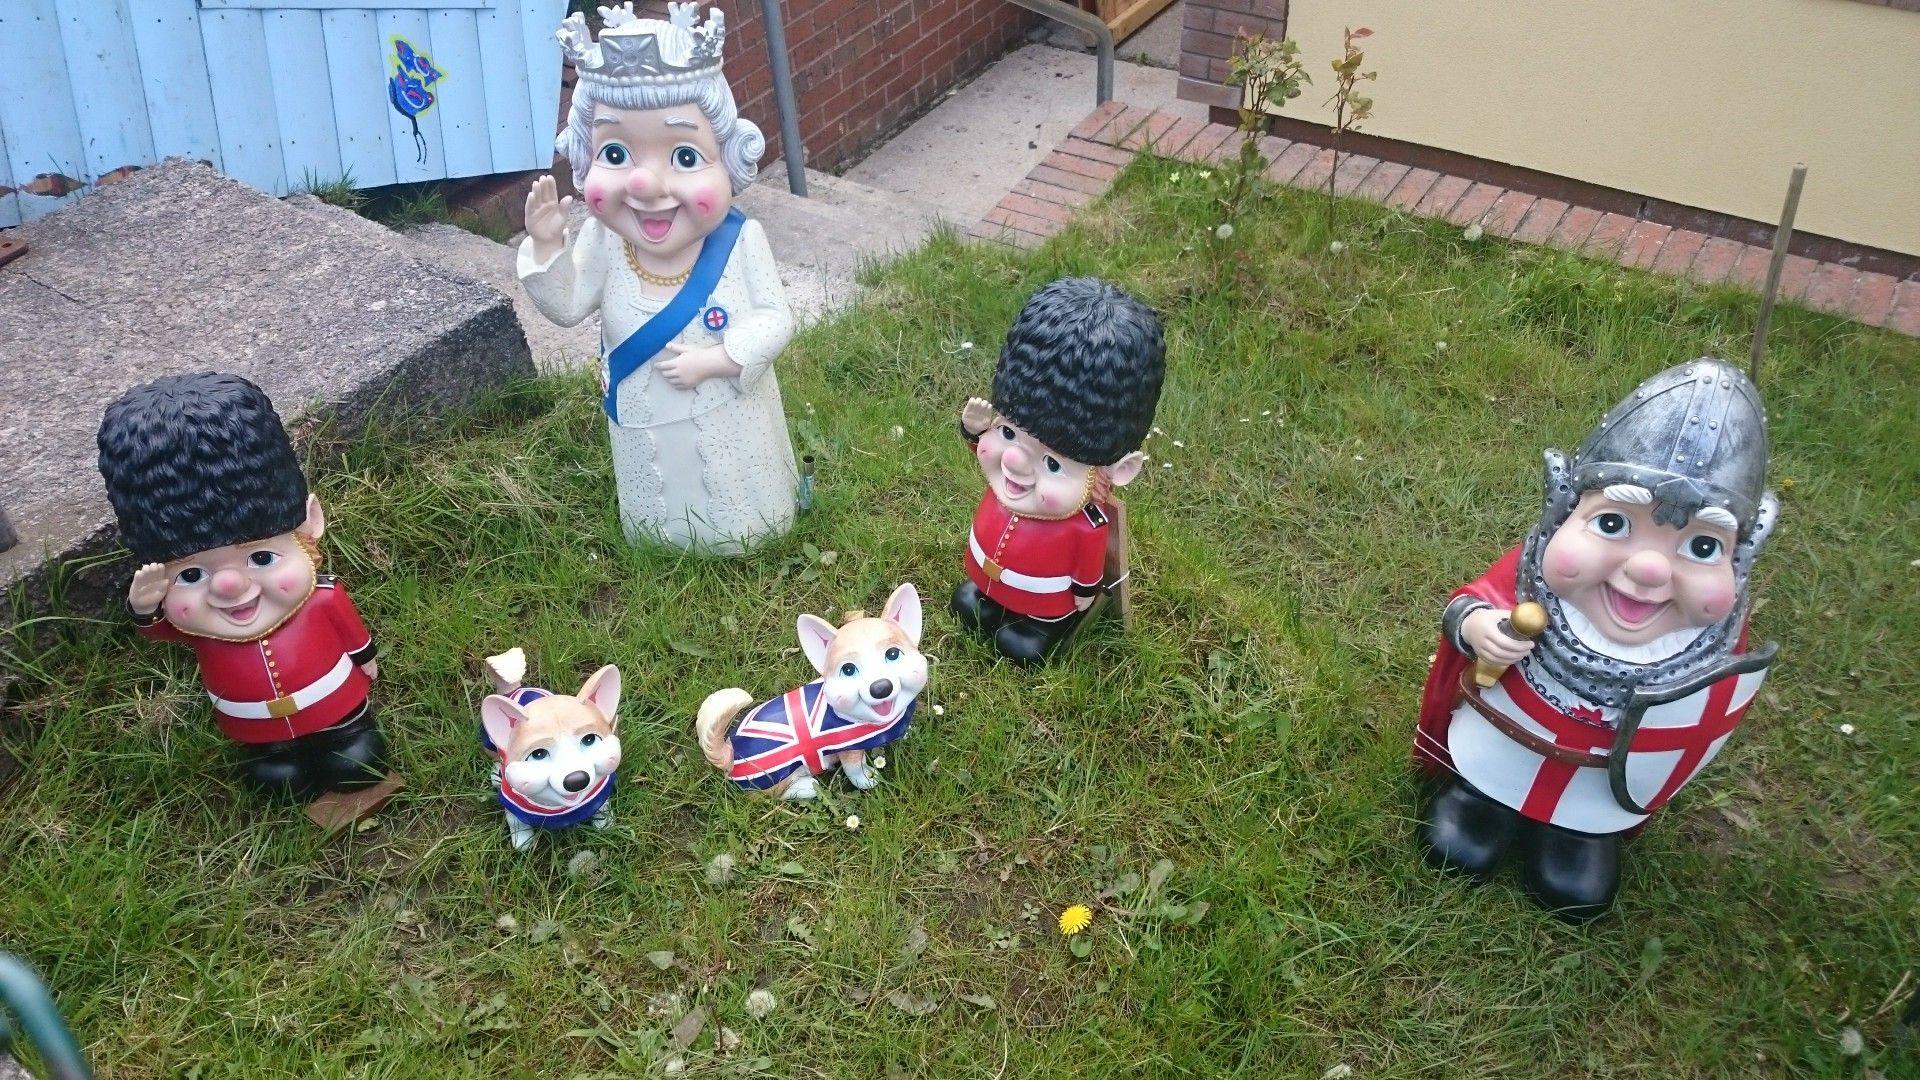 Pin by Vikki Nugent on Asda Gnomes Asda gnomes, Holiday